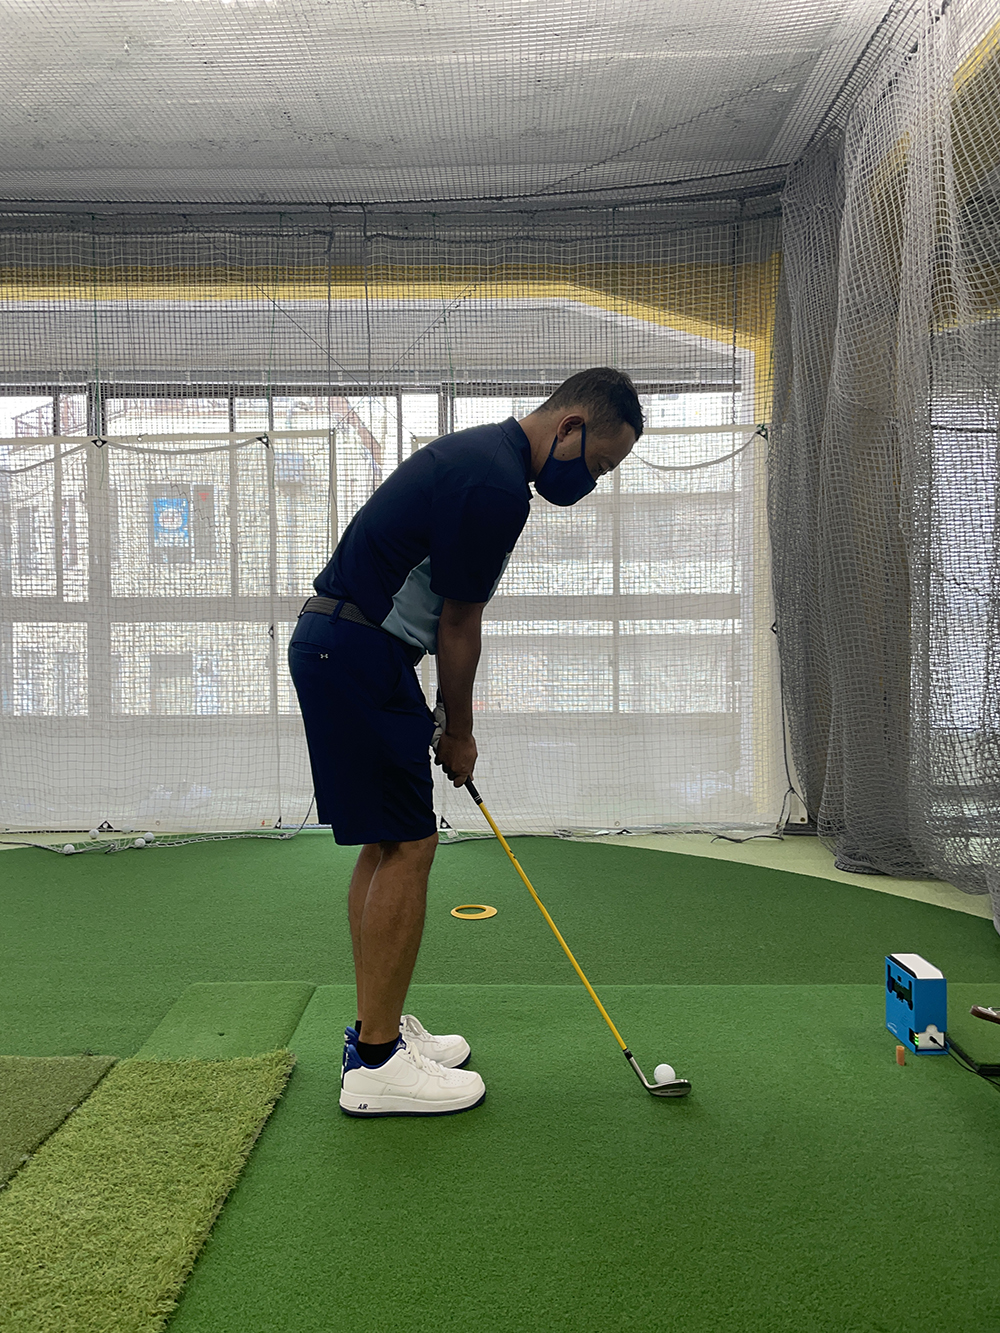 アプローチのリズム早くないです⁉︎│池袋ゴルフアカデミー本校初心者館